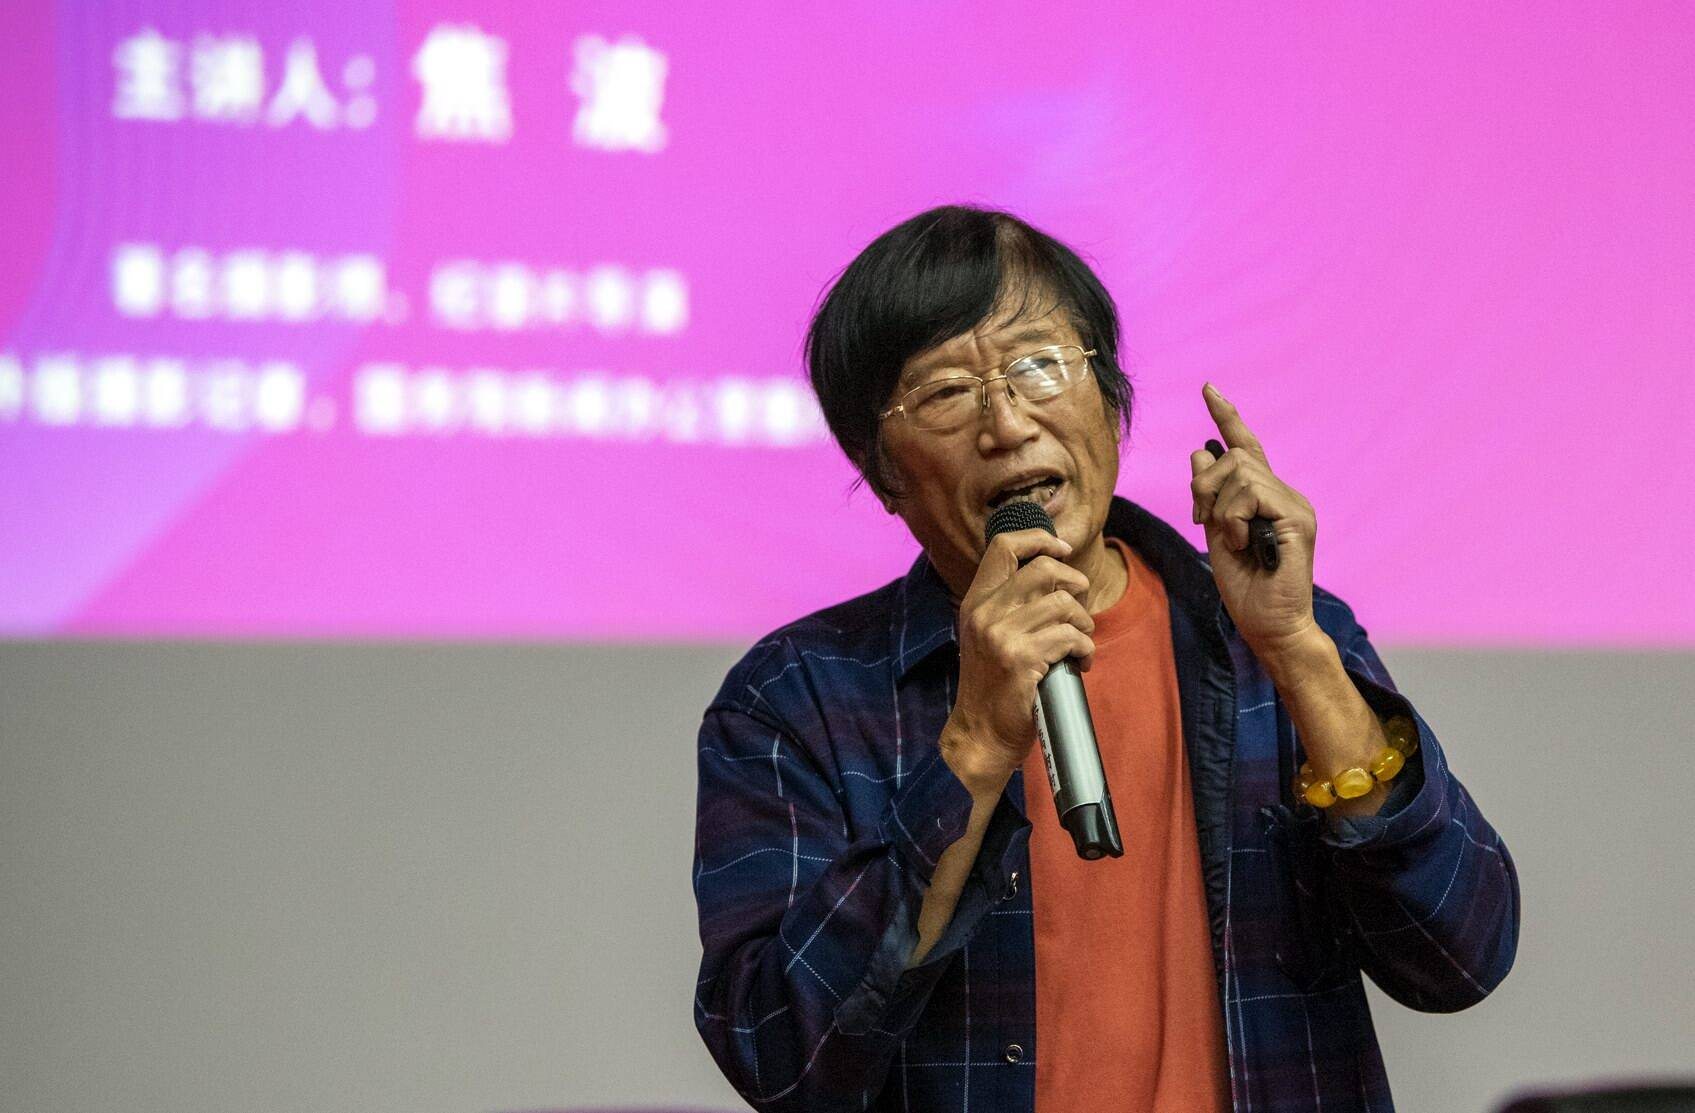 新青年與新媒體影像理論與創作青年論壇在濟南舉辦 焦波分享《俺爹俺娘》創作歷程